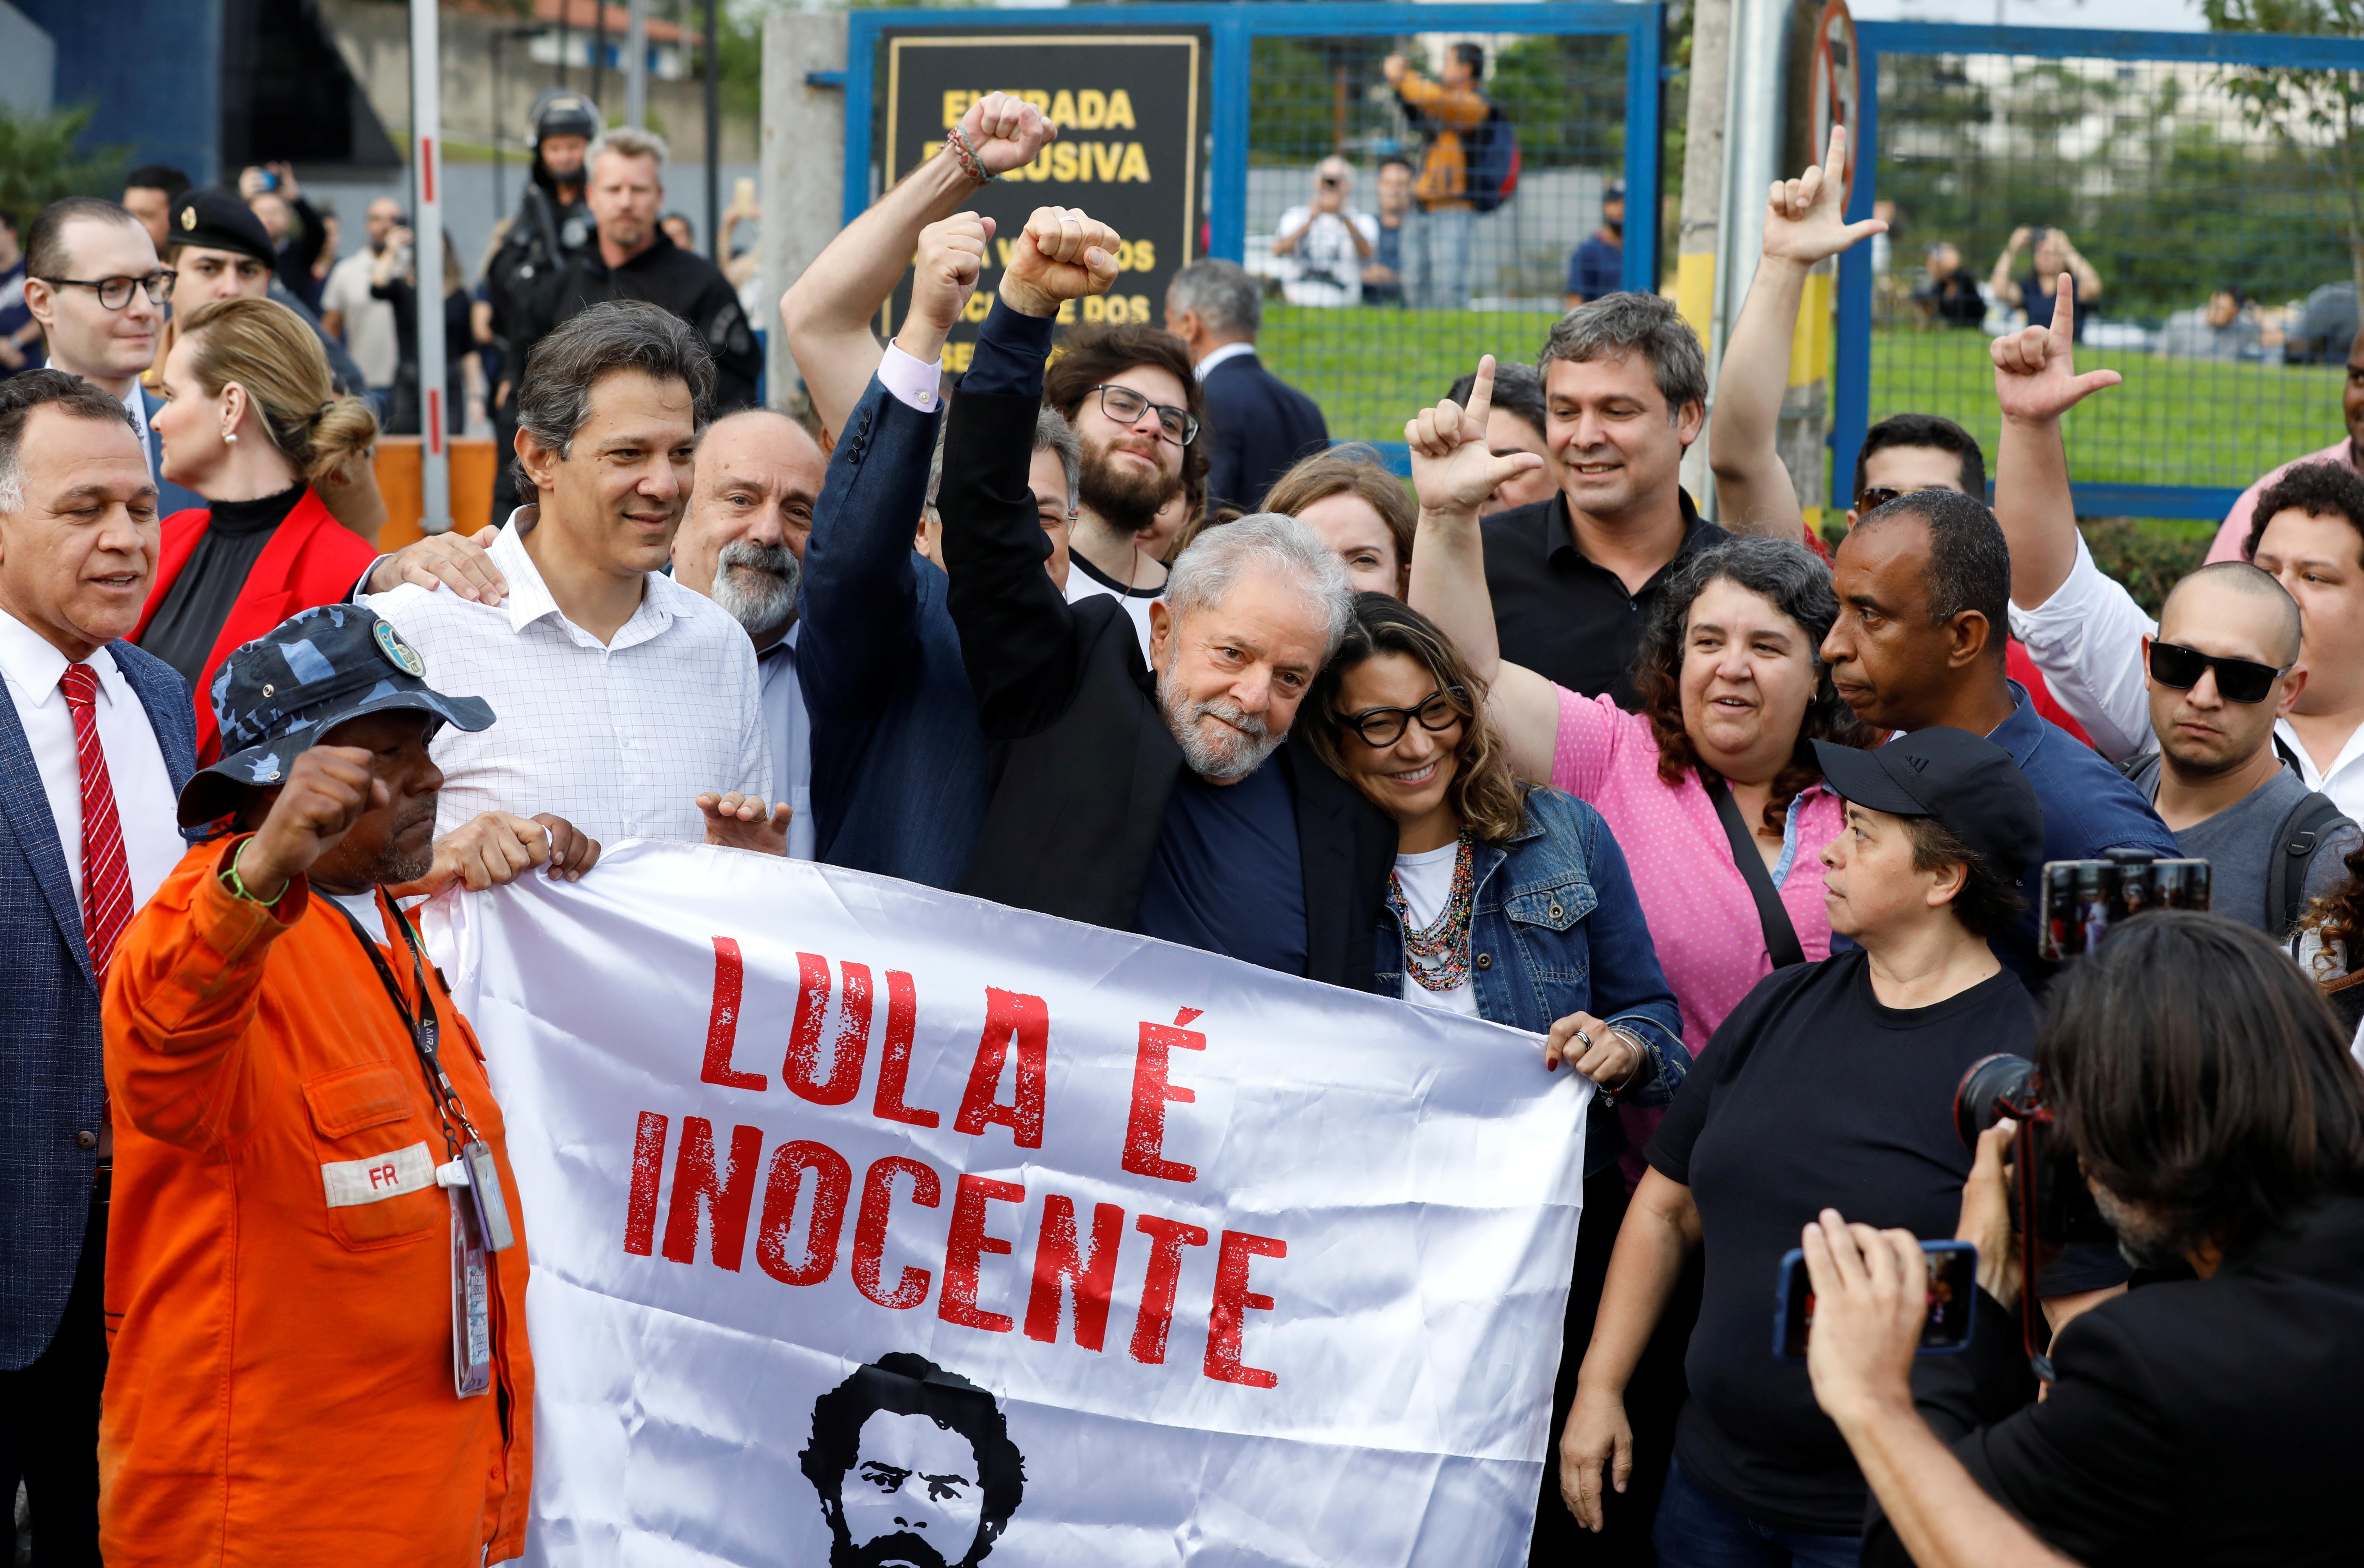 Βραζιλία: Ο Λούλα επιστρέφει – Θα είναι ξανά υποψήφιος